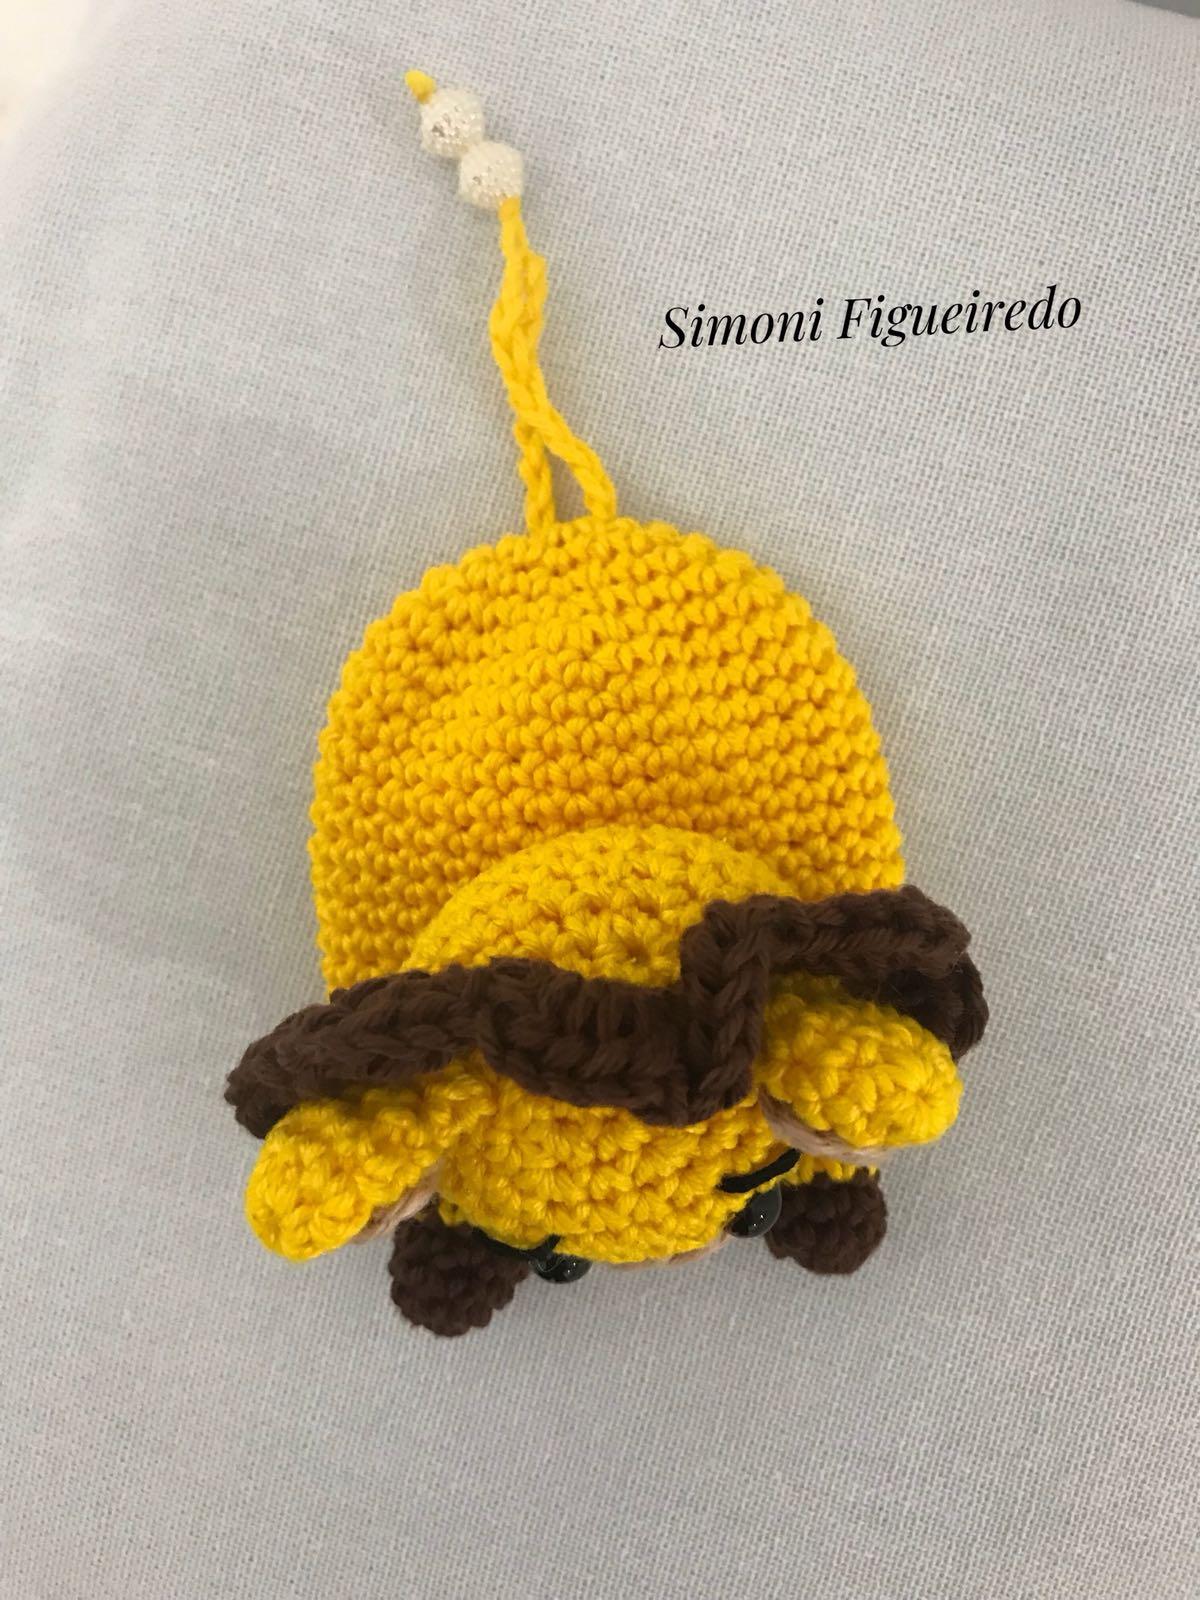 Amigurumi Leão • Círculo S/A | Amigurumi de animais de crochê ... | 1600x1200